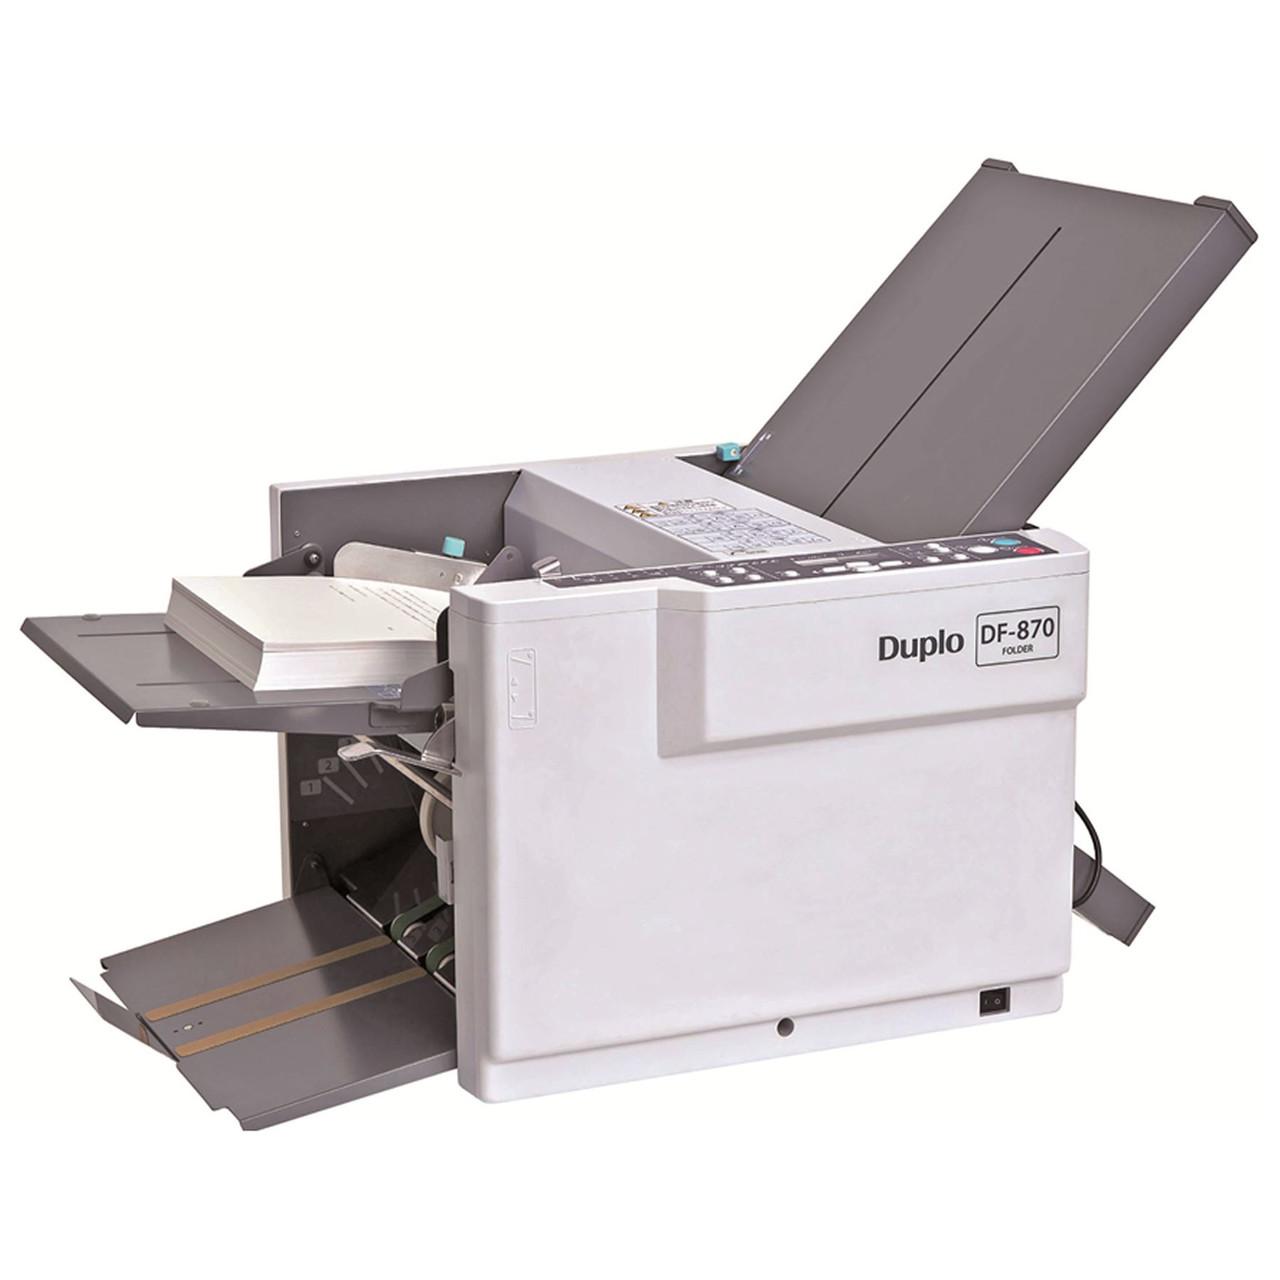 Duplo DF-870 - Automatic Paper / Letter Folding Machine